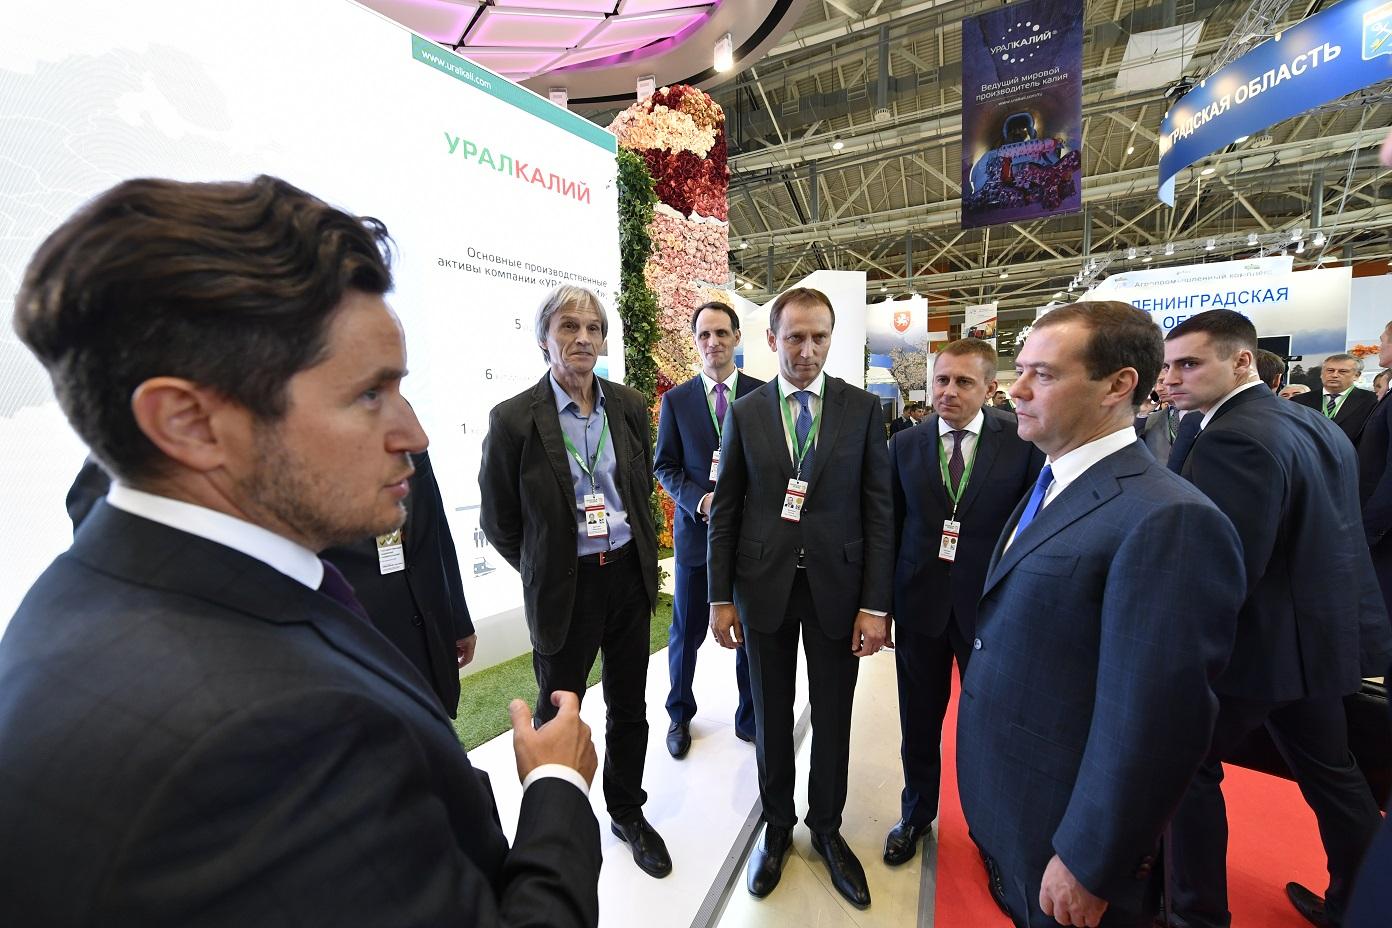 Дмитрий Медведев посетил стенд компании «УРАЛХИМ» на выставке «Золотая осень»  и ознакомился с инновационными проектами Фонда «Сколково»